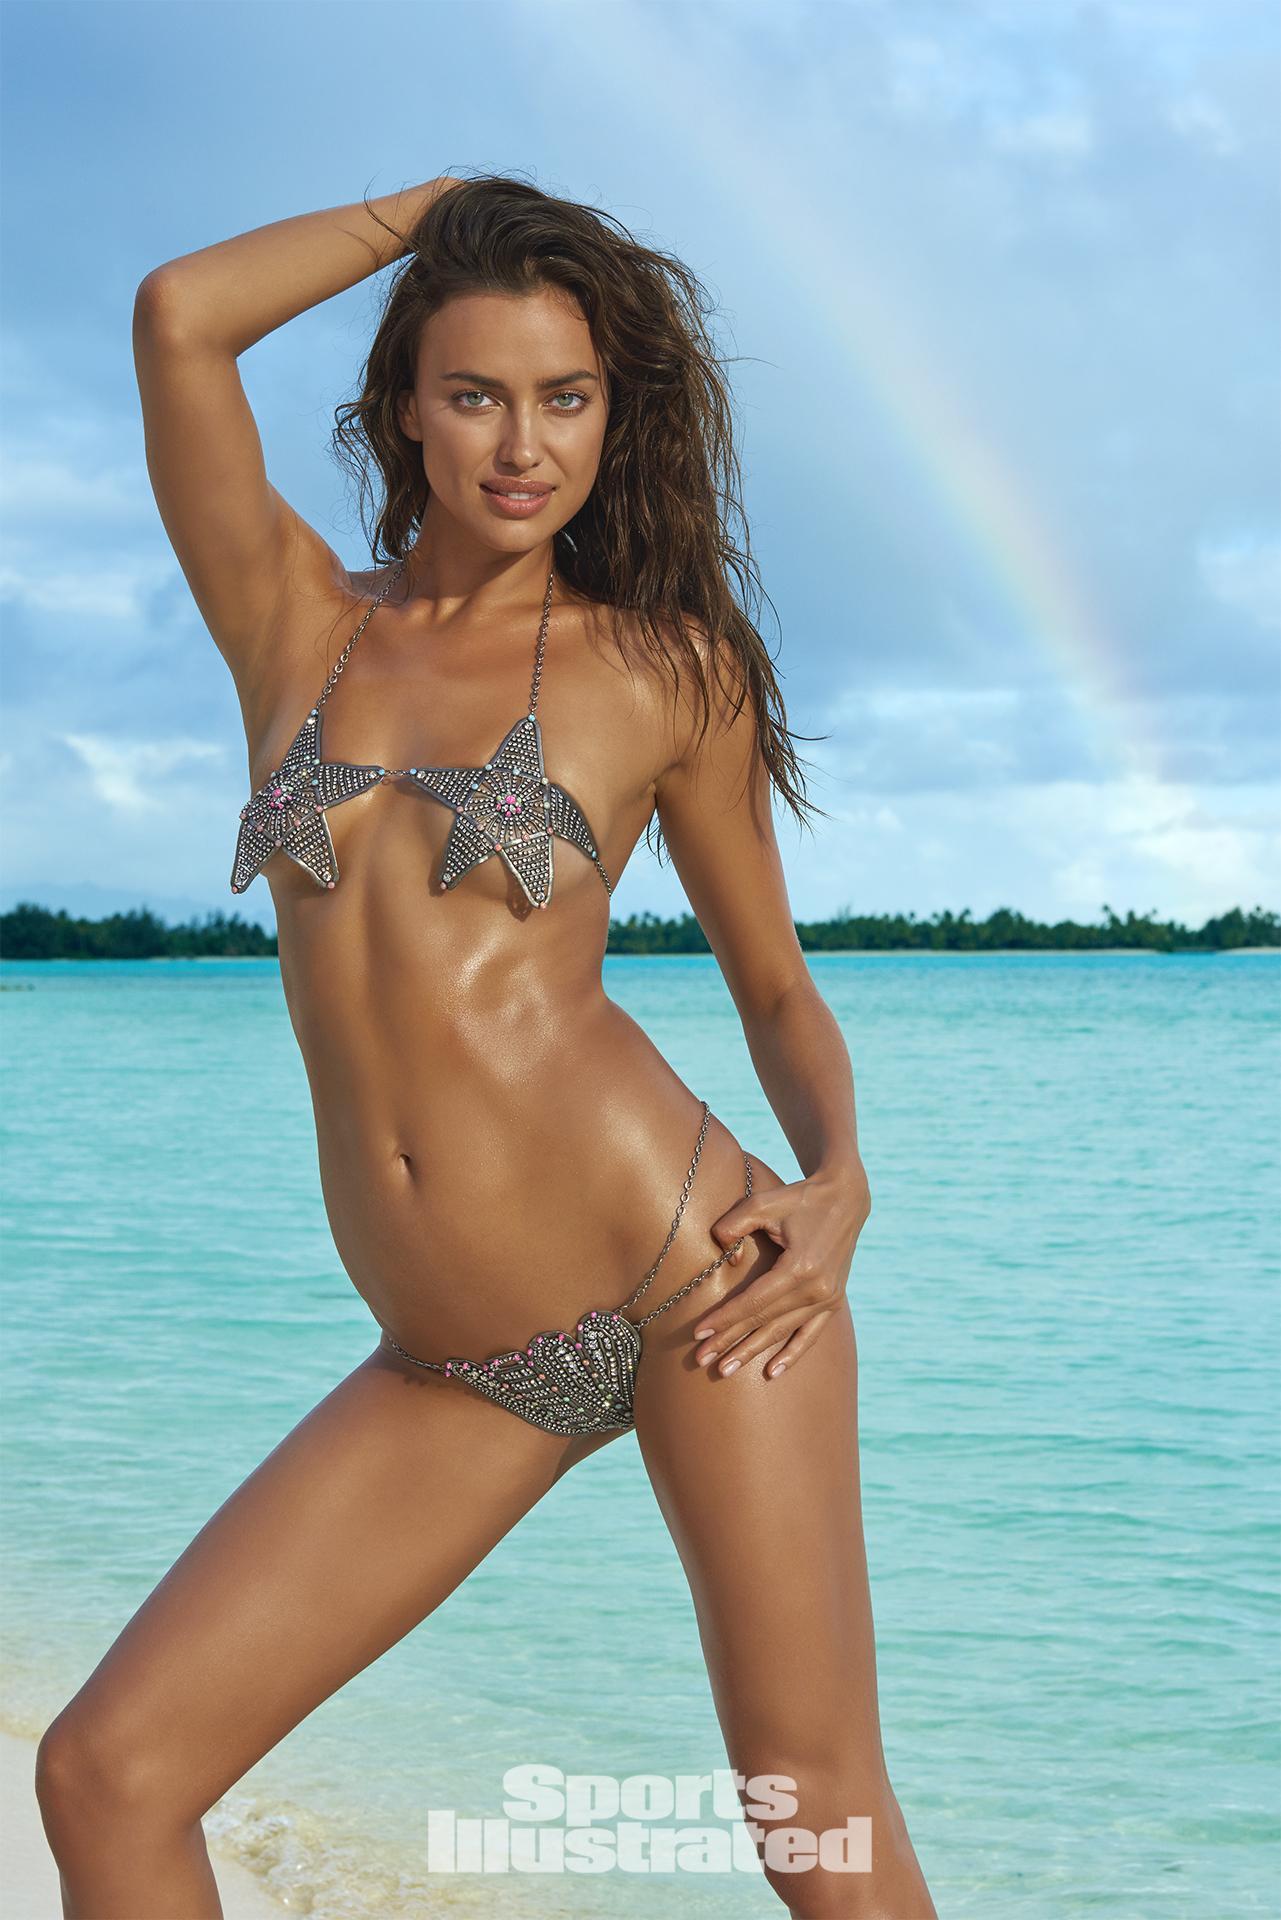 Irina Shayk Swimsuit Photos, Sports Illustrated Swimsuit 2016